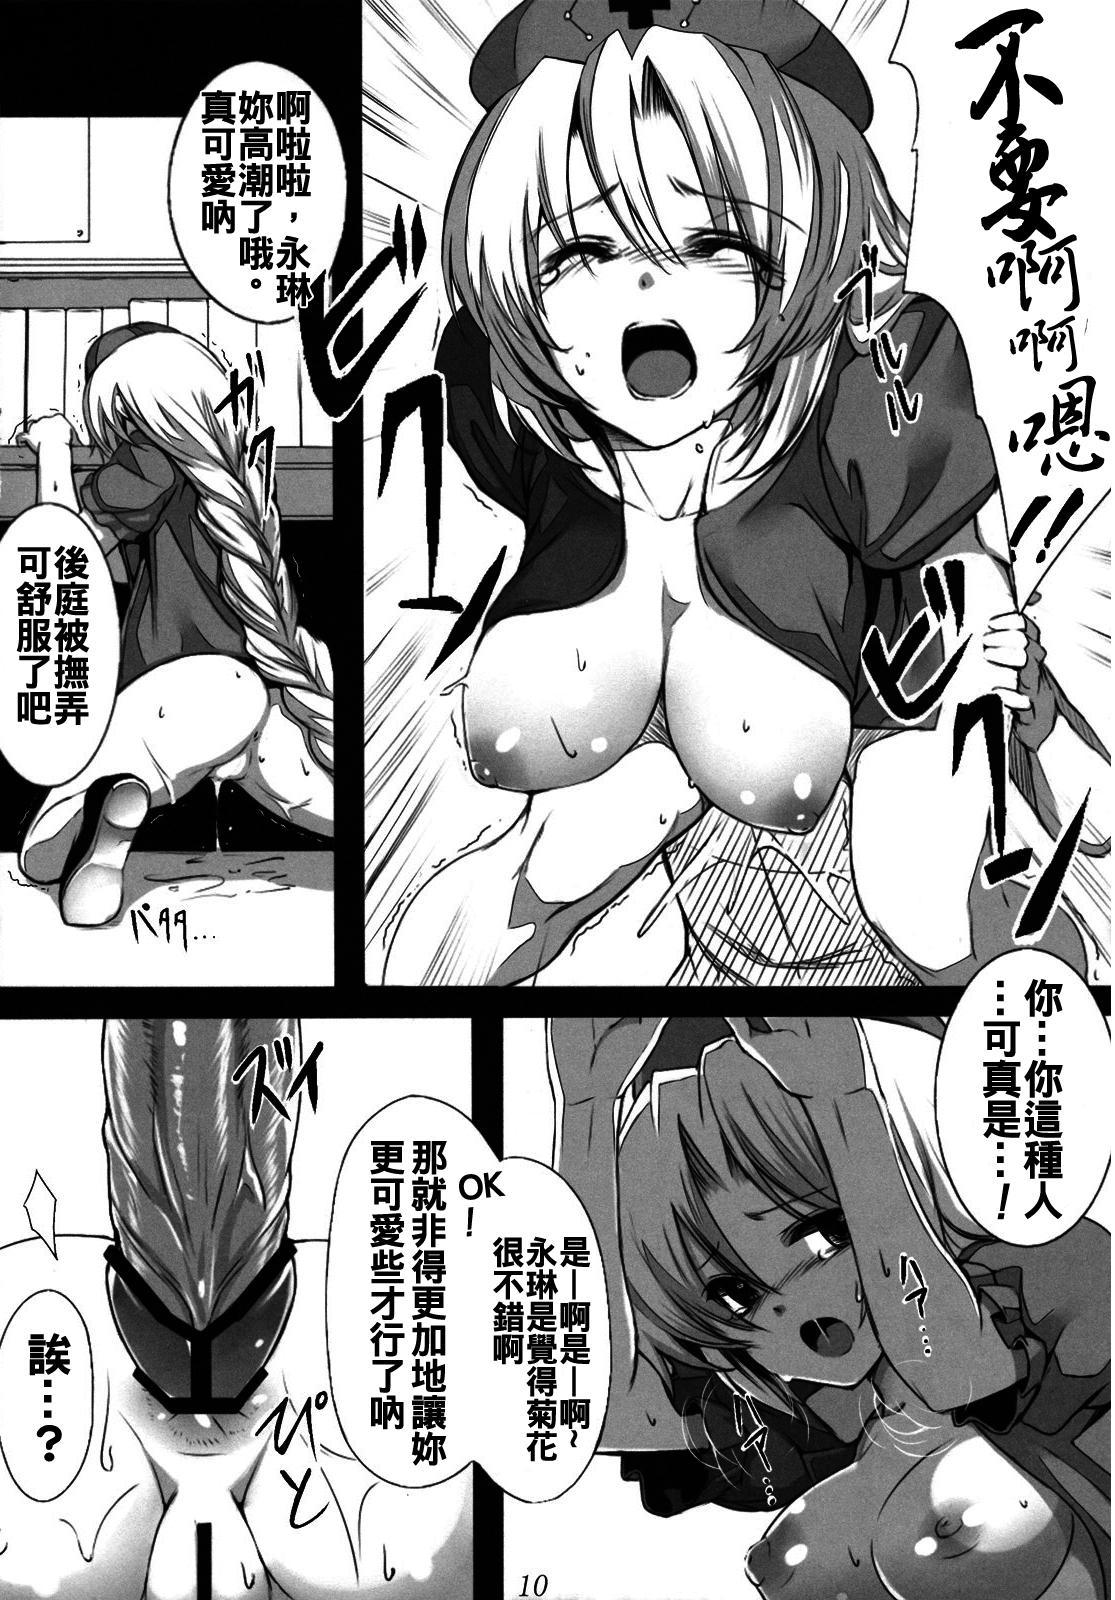 Shinsatsu Jikan Go 10